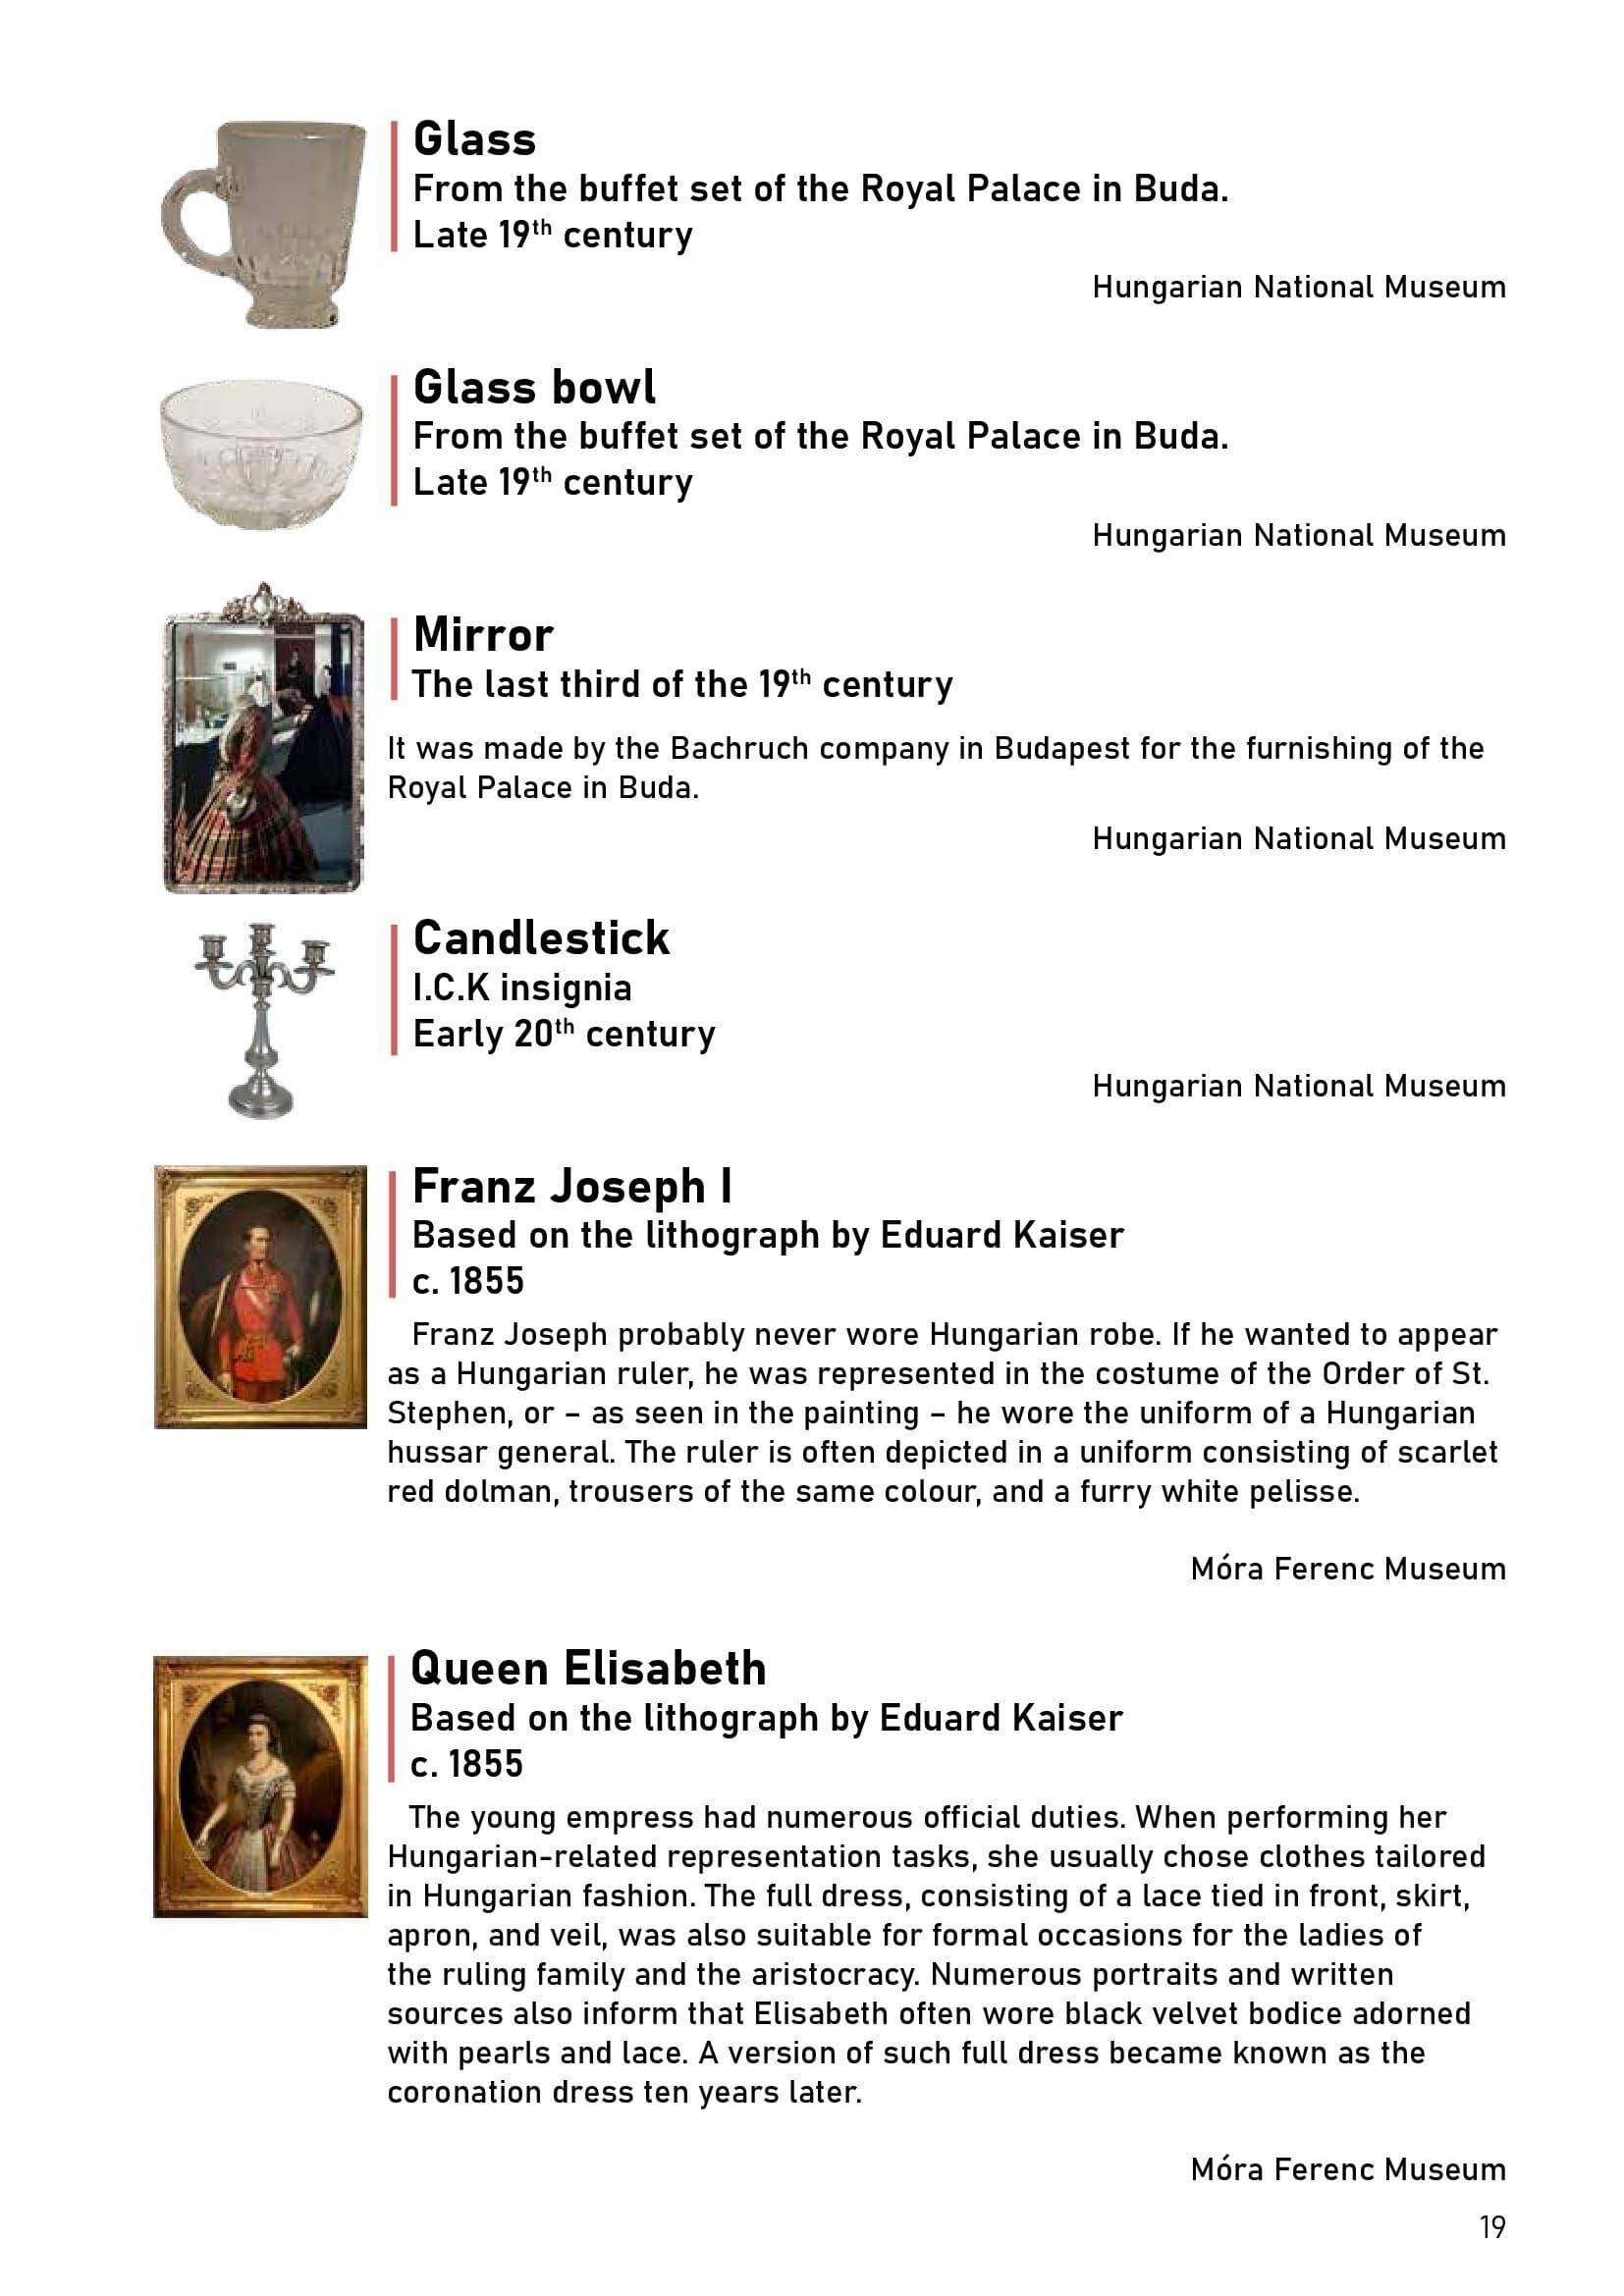 Sisi English guide_00019